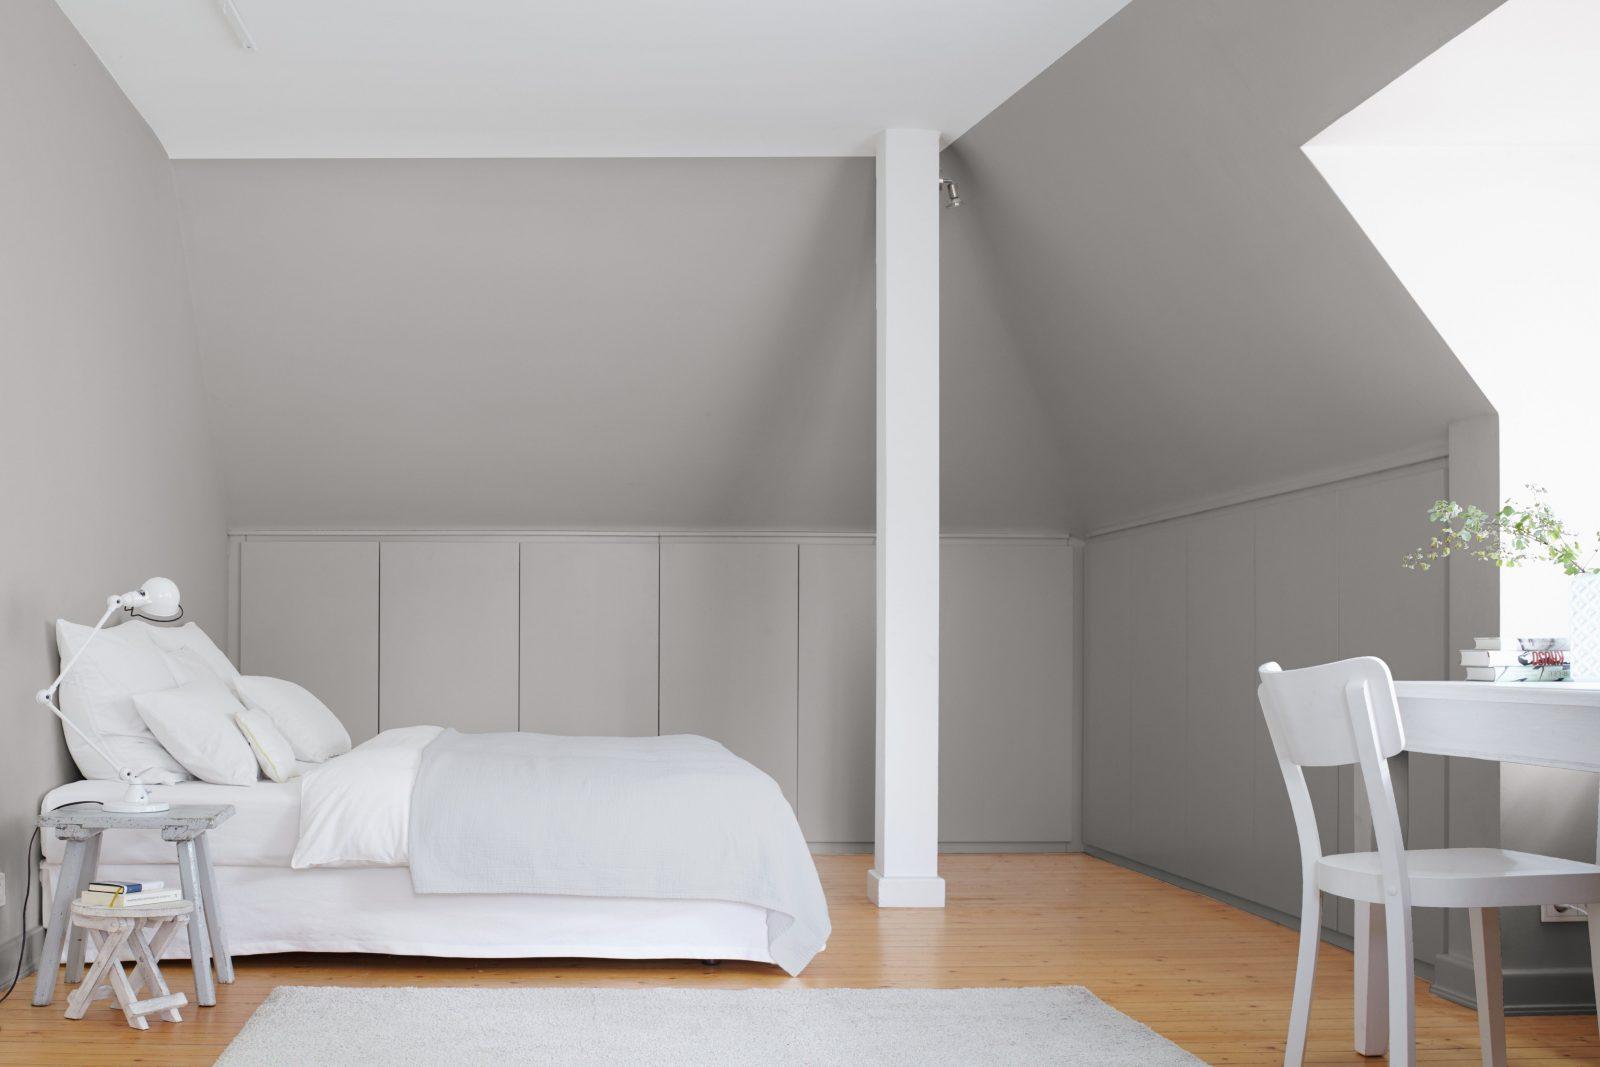 Lieblich Kleine Zimmer Dachschrägen Optisch Vergrößern Alpina Farbe U0026 Wirkung Von Wandfarben  Schlafzimmer Mit Dachschräge Photo